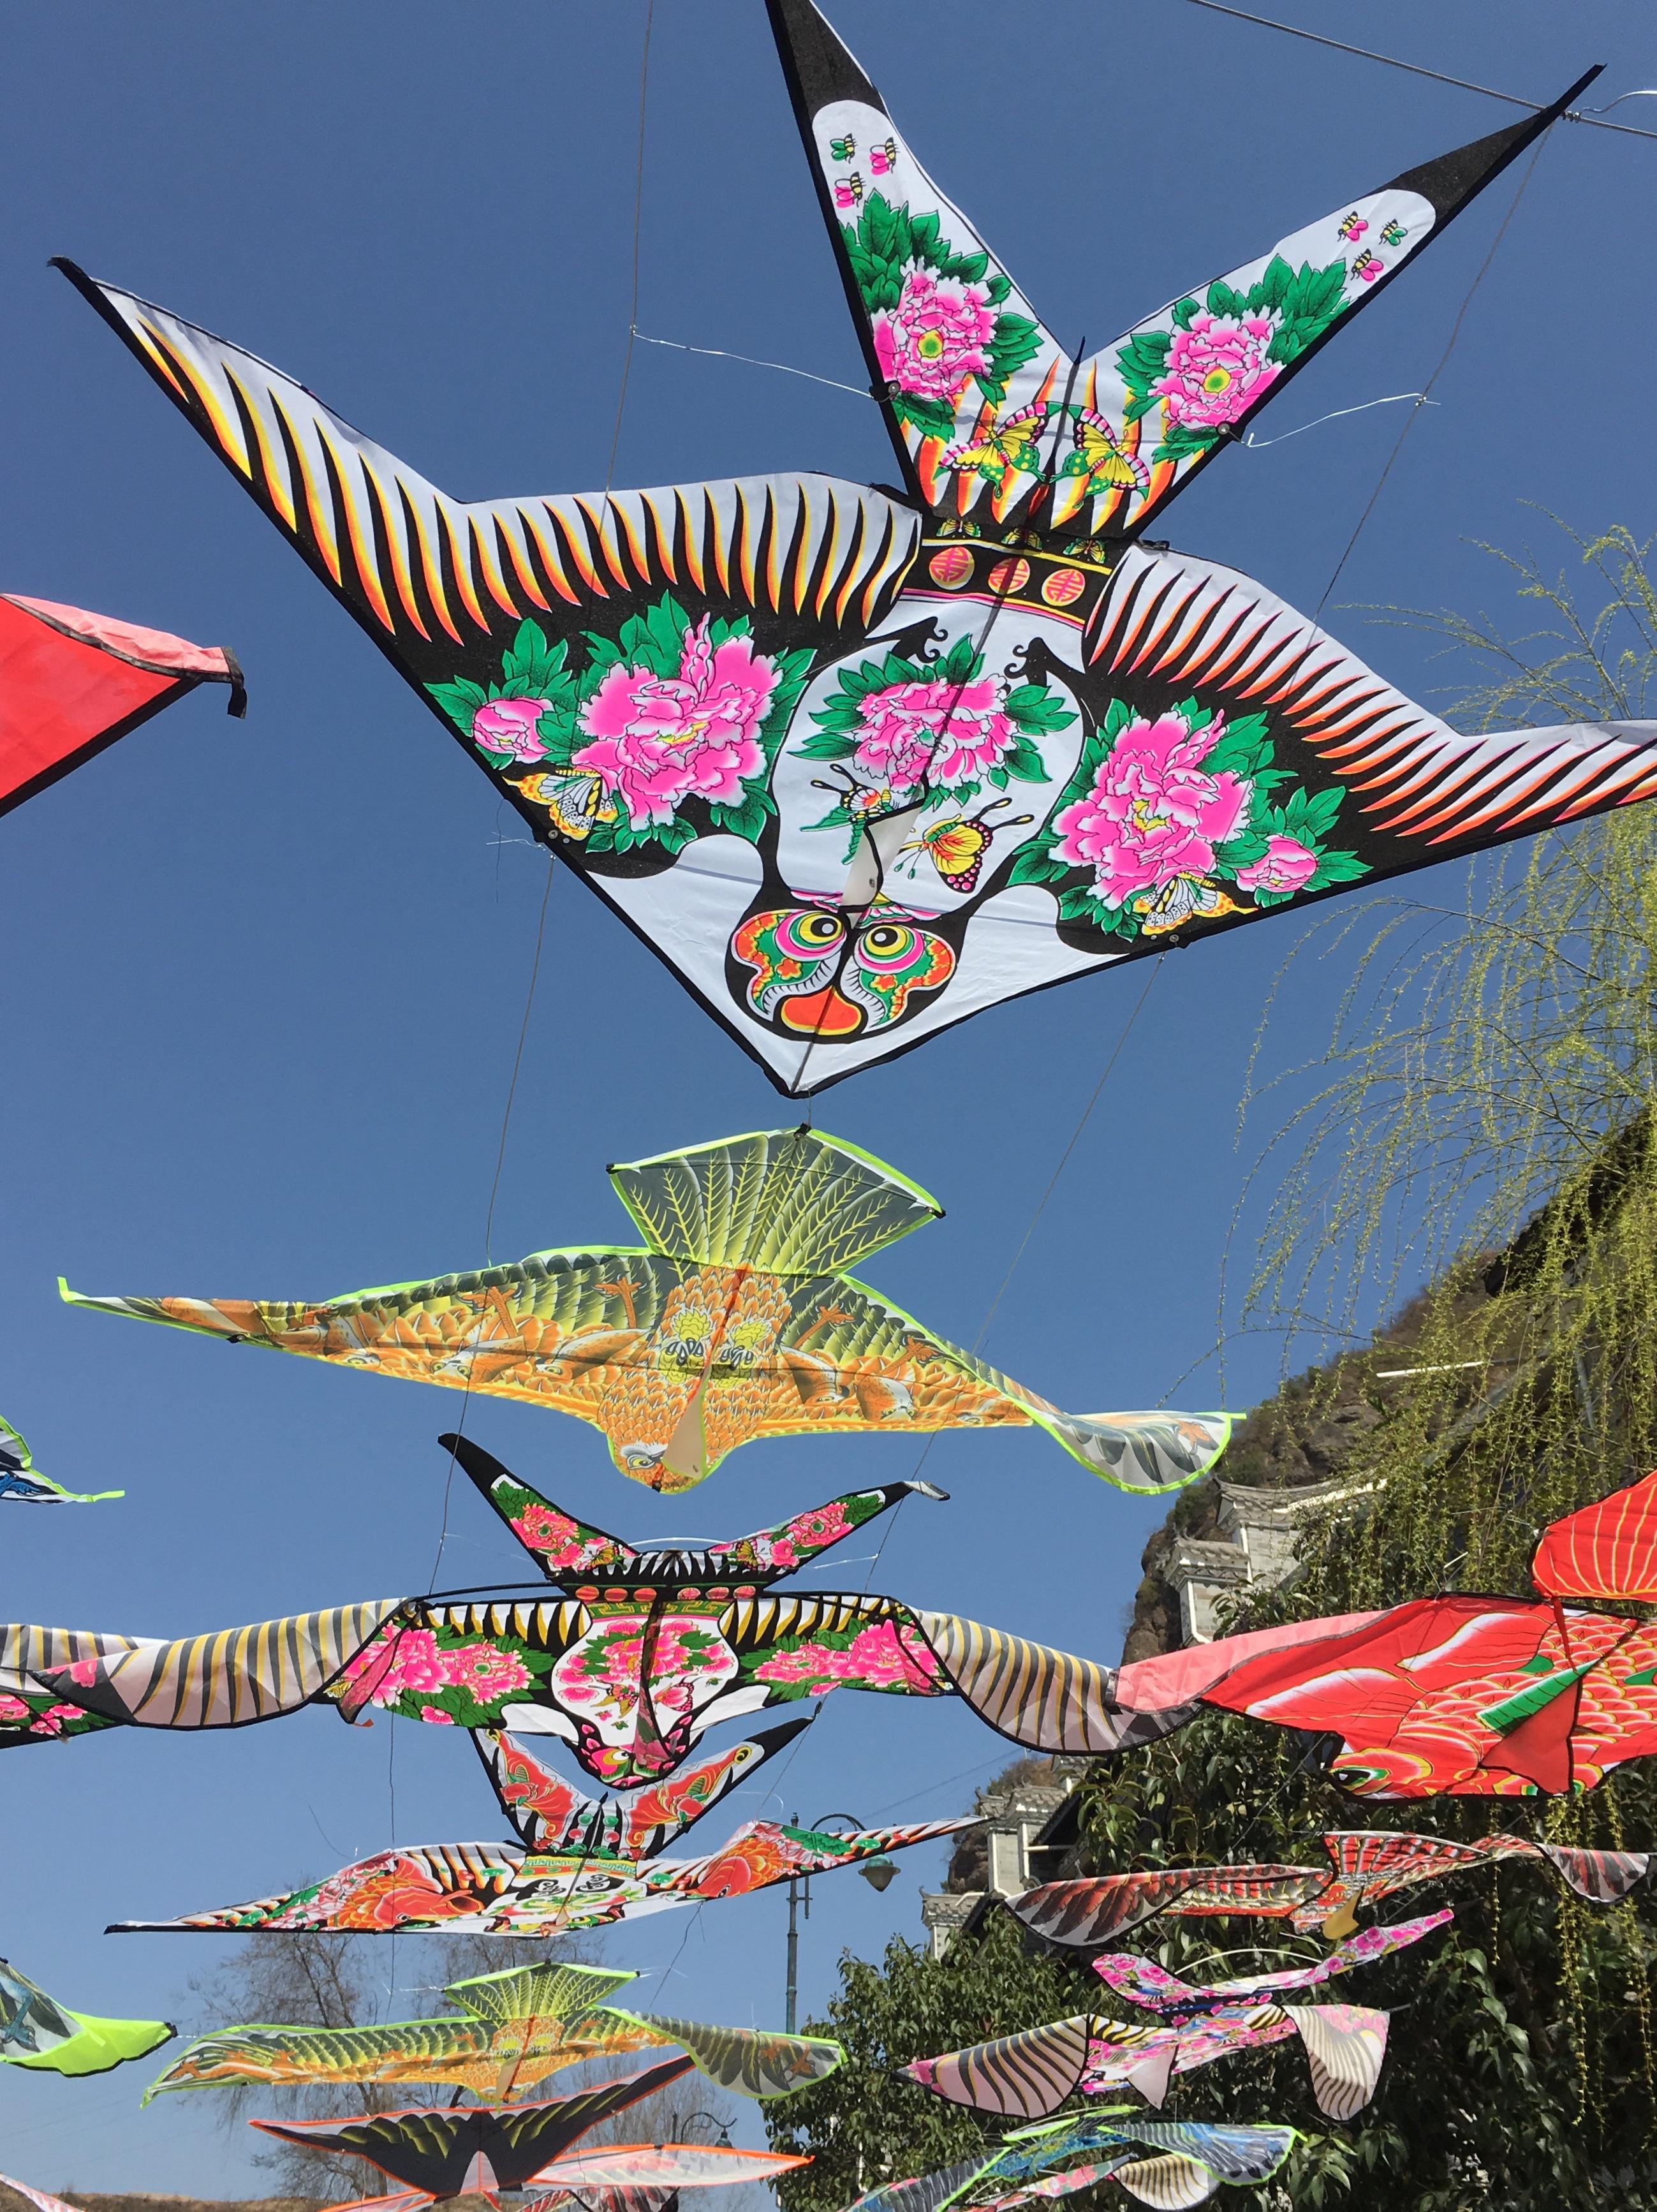 幾十種創意風箏參展,風箏筑成長廊,還有腦洞大開的風箏diy彩繪活動等圖片